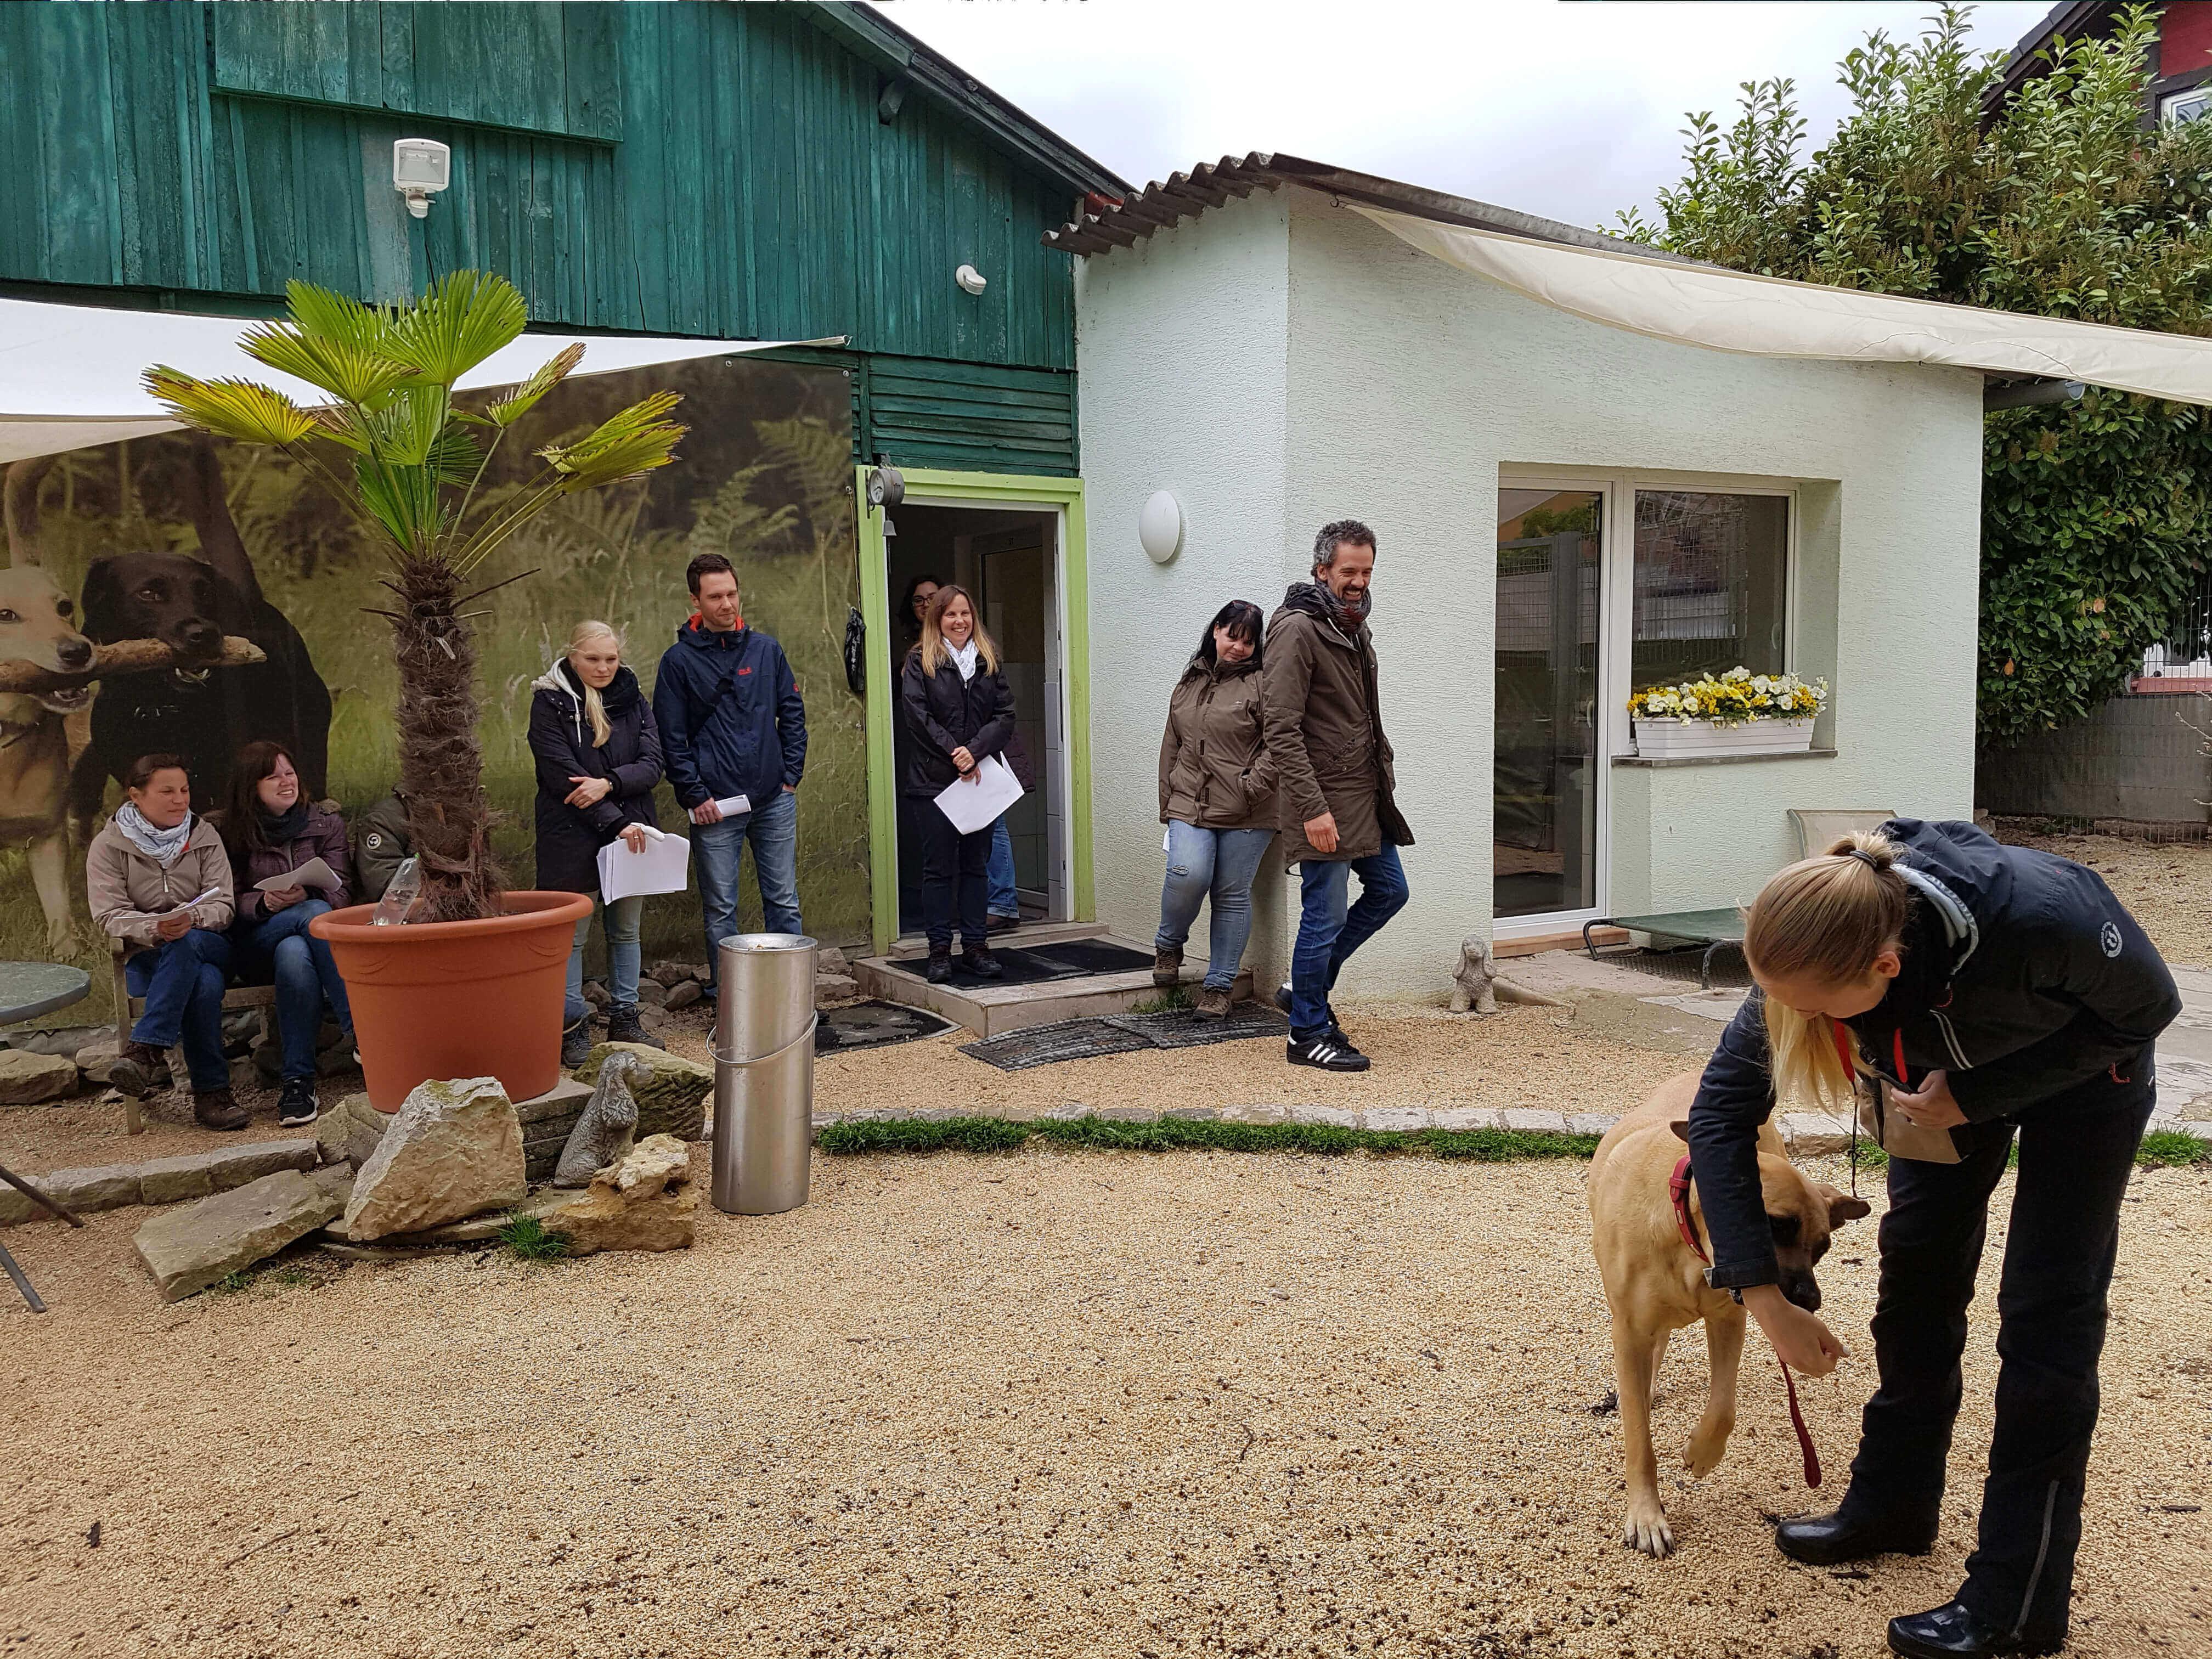 Die Hundeacademy stellt mit Ihnen einen Trainingsplan zusammen. Informieren Sie sich hier!